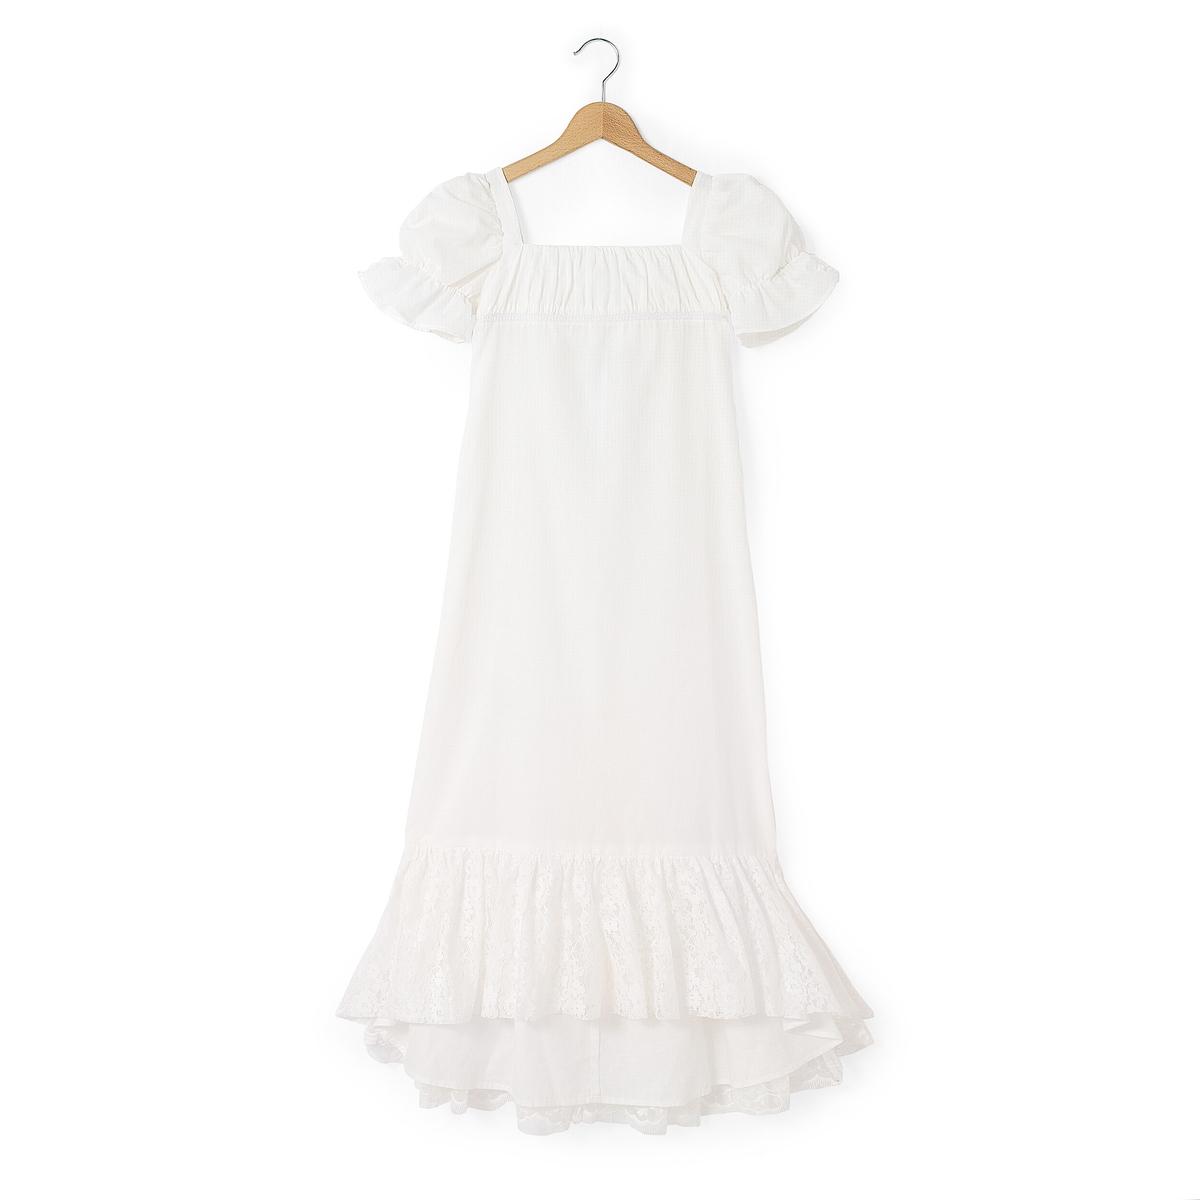 Платье длинное для торжества с вышивкой снизу 3-12 лет